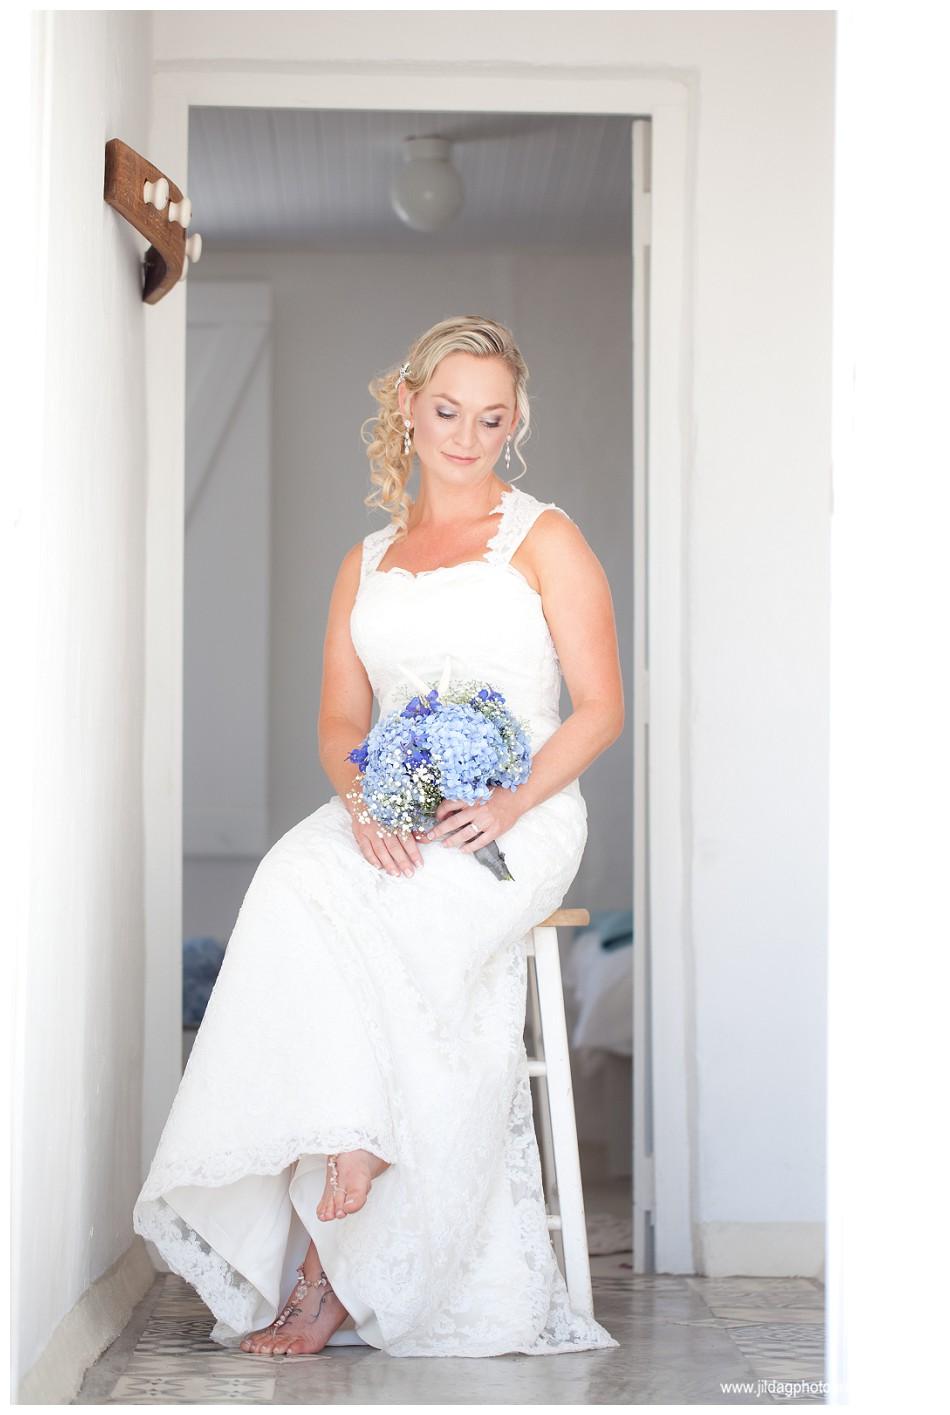 Strandkombuis - Langebaan wedding - Jilda G Photography (30)